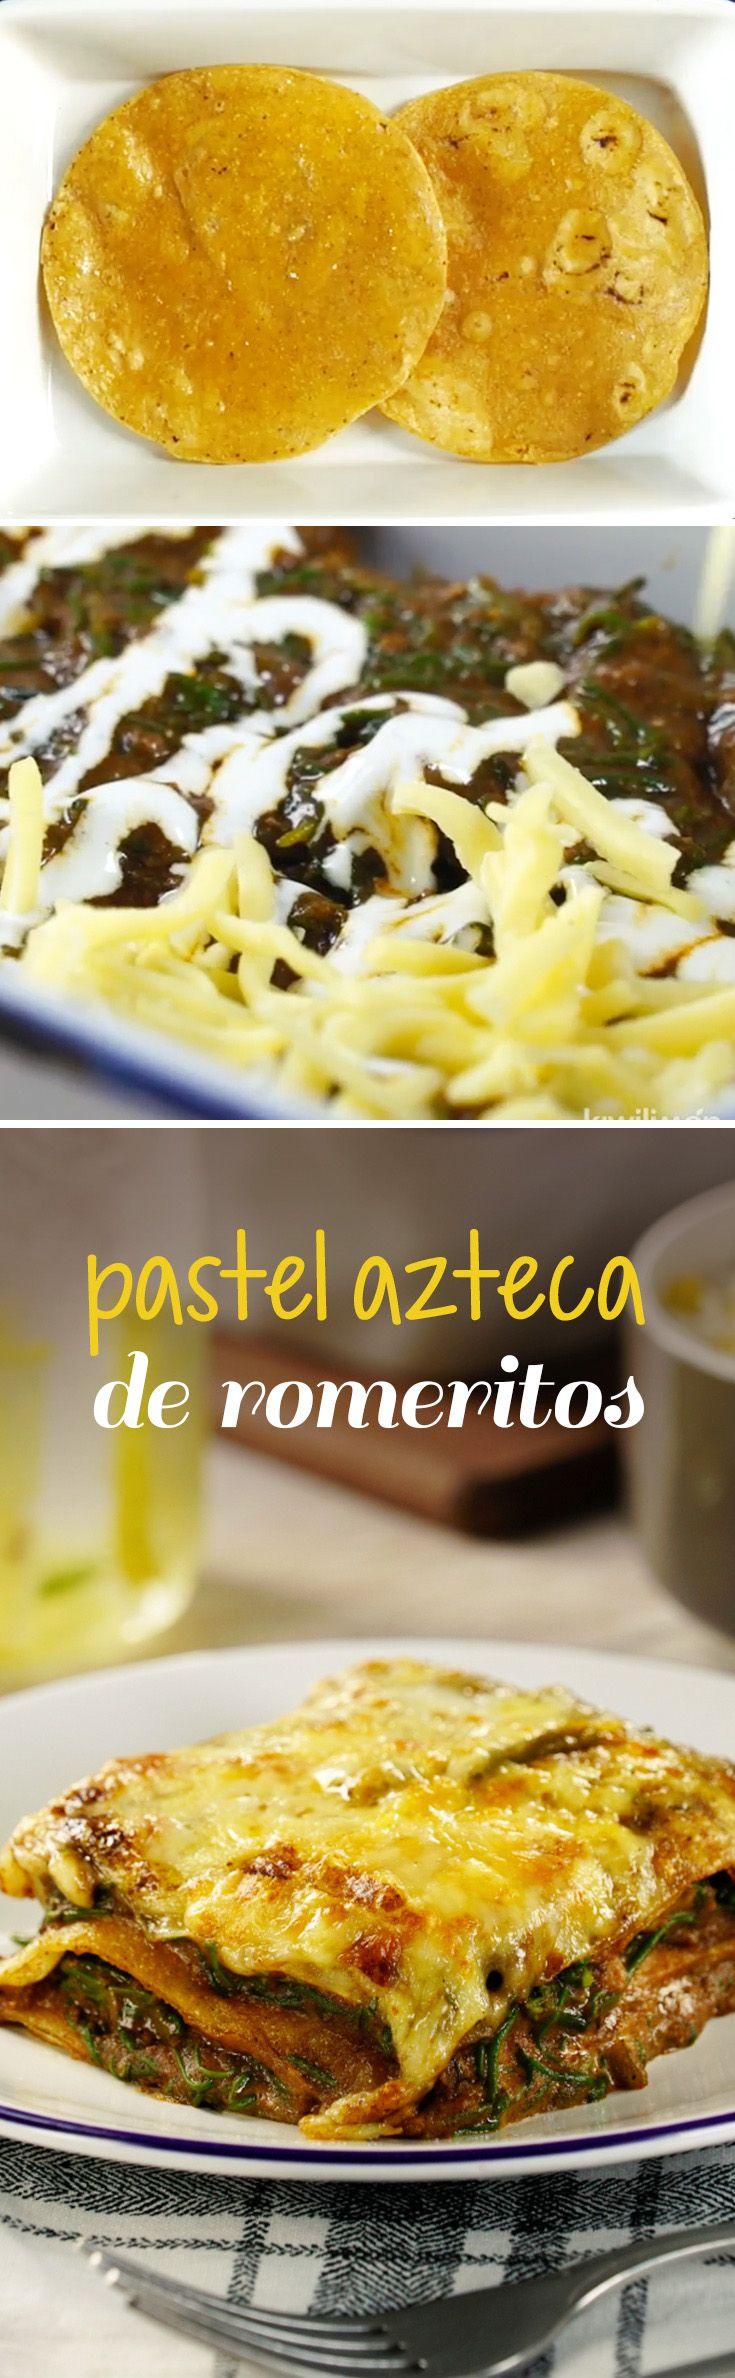 Receta de romeritos con tortillas de maíz y queso que forman un delicioso platillo para aprovechar los romeritos que te sobraron en el recalentado.